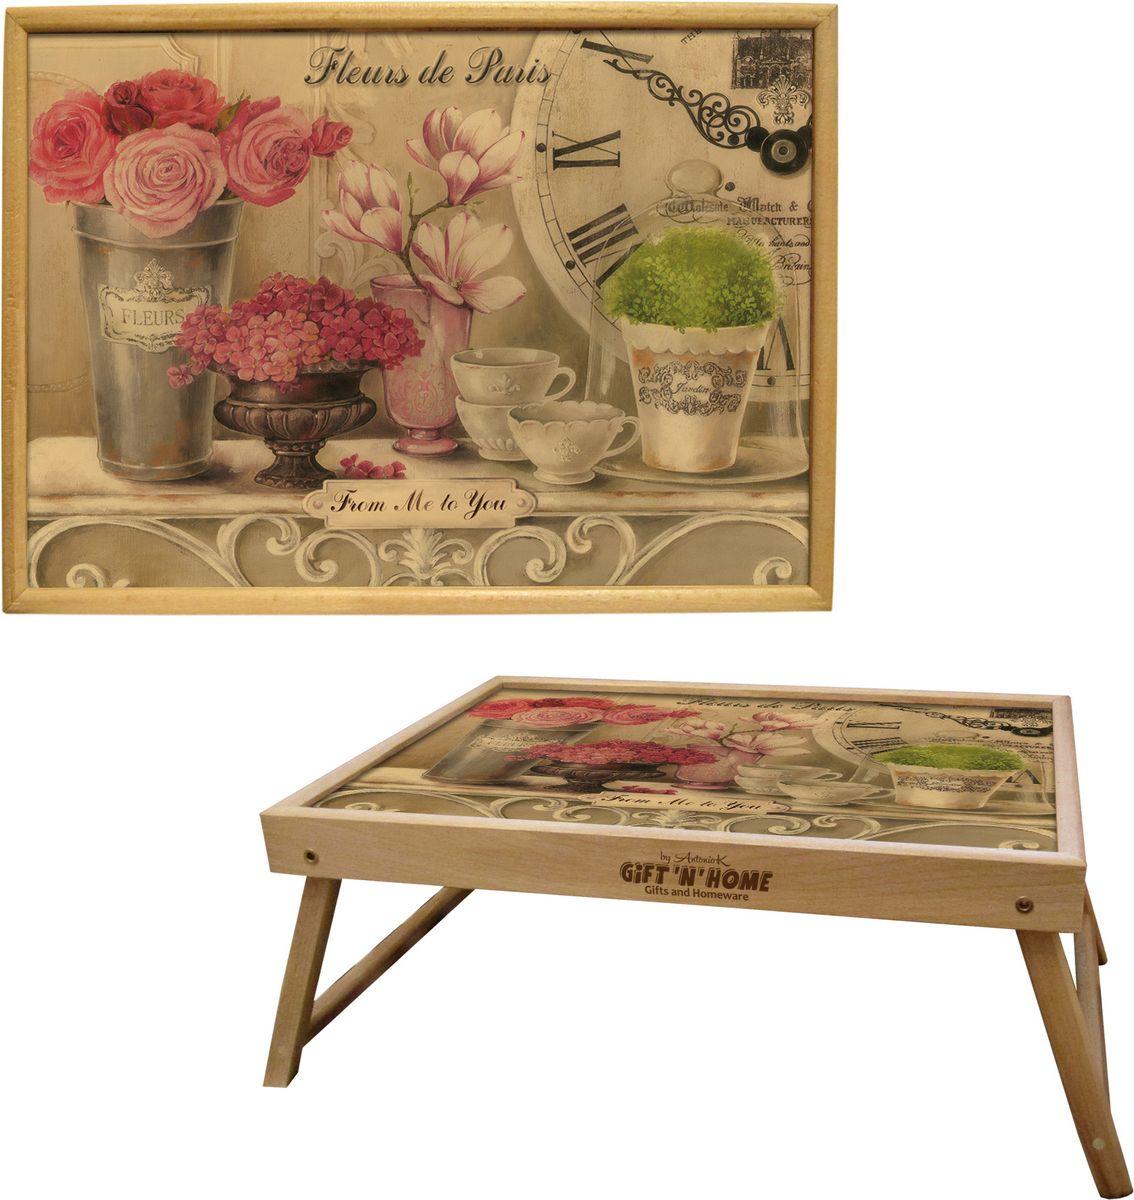 Столик с раскладными ножками GiftnHome Парижские цветы, 25 х 37,5 смTL-FleursСтолик-поднос с раскладными ножками GiftnHome Парижские цветы - это истинный комплимент вашим любимым и близким людям, он станет отличным подарком. Он выполнен из благородной породы древесины -бука. Подать кофе, завтрак в постель или вынести на веранду гостям закуски, фрукты сервированные на стильном подносе, с оригинальным принтом на поверхности.Изделие несомненно внесет свой Арт-стиль и уютную атмосферу в домашнее пространство. Нанесенные на столешницу дизайнерские принты прекрасно дополнят интерьер вашего дома, дачи, студии или городской кухни - это современные, актуальные изделия, выполненные с душой, и несущие в дом настроение.